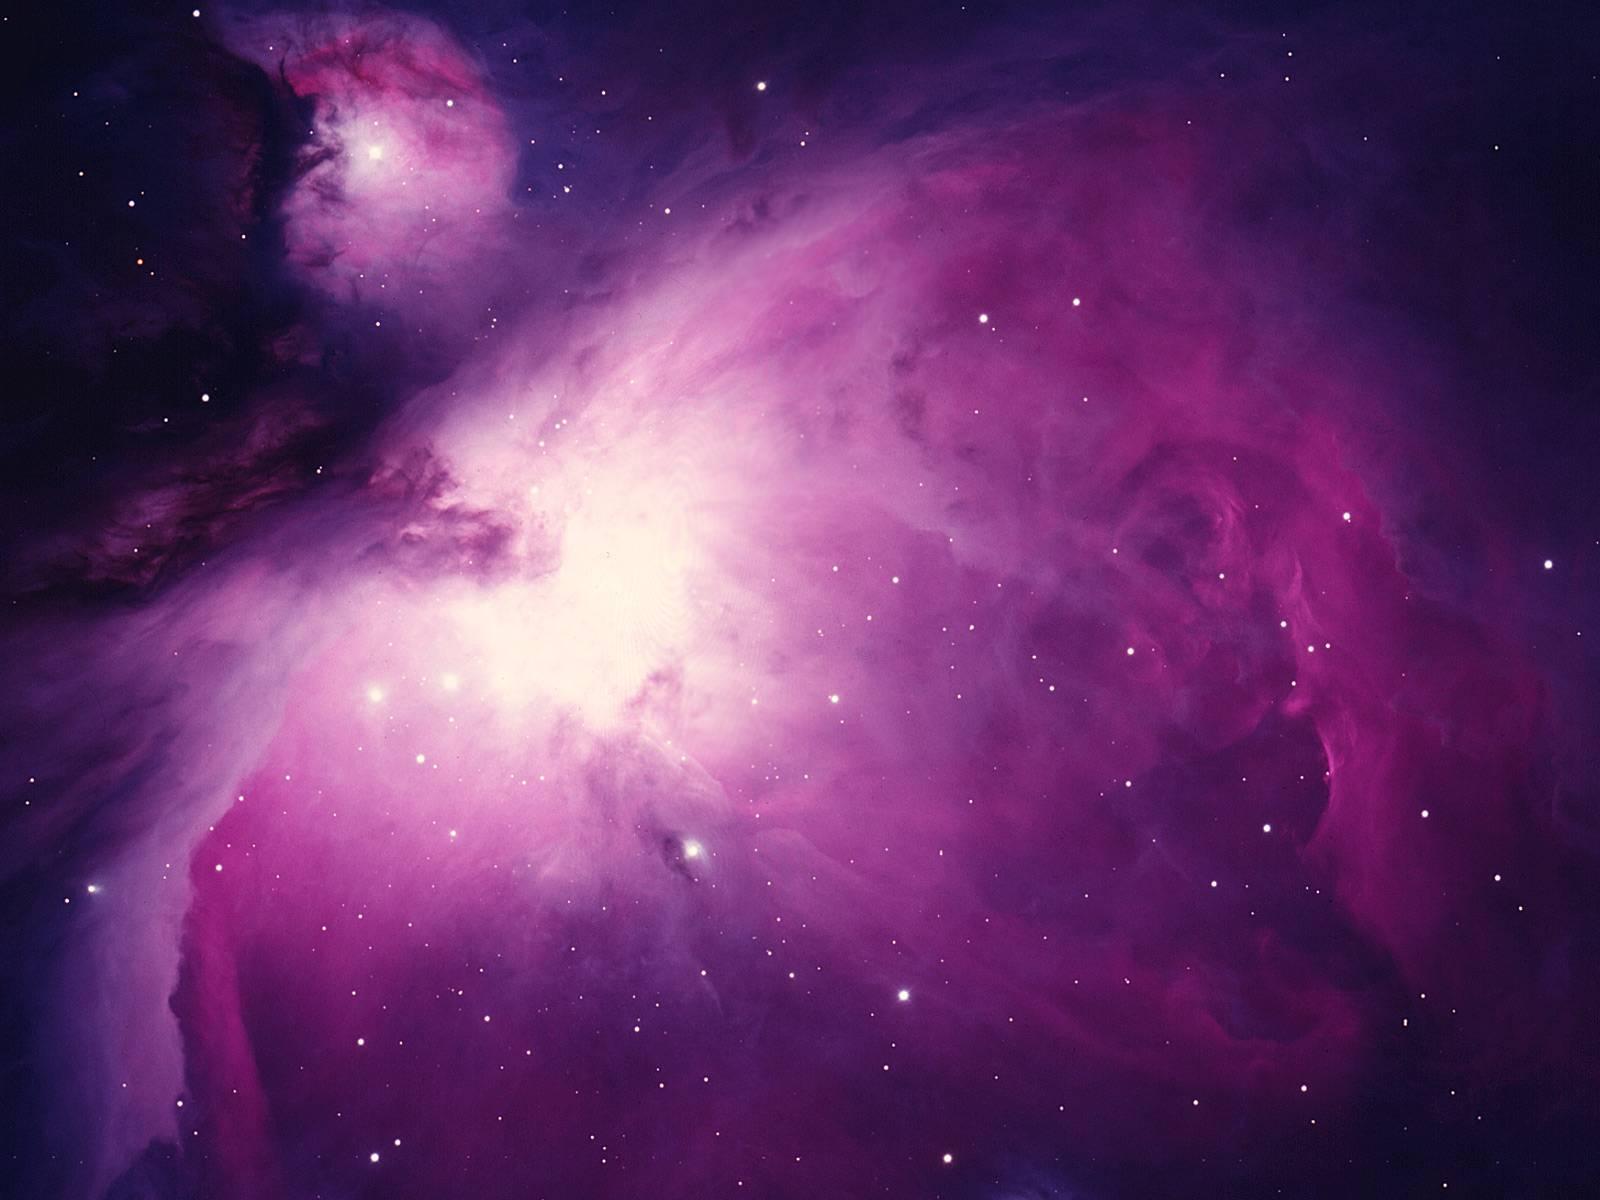 galaxy wallpaper hd 8179